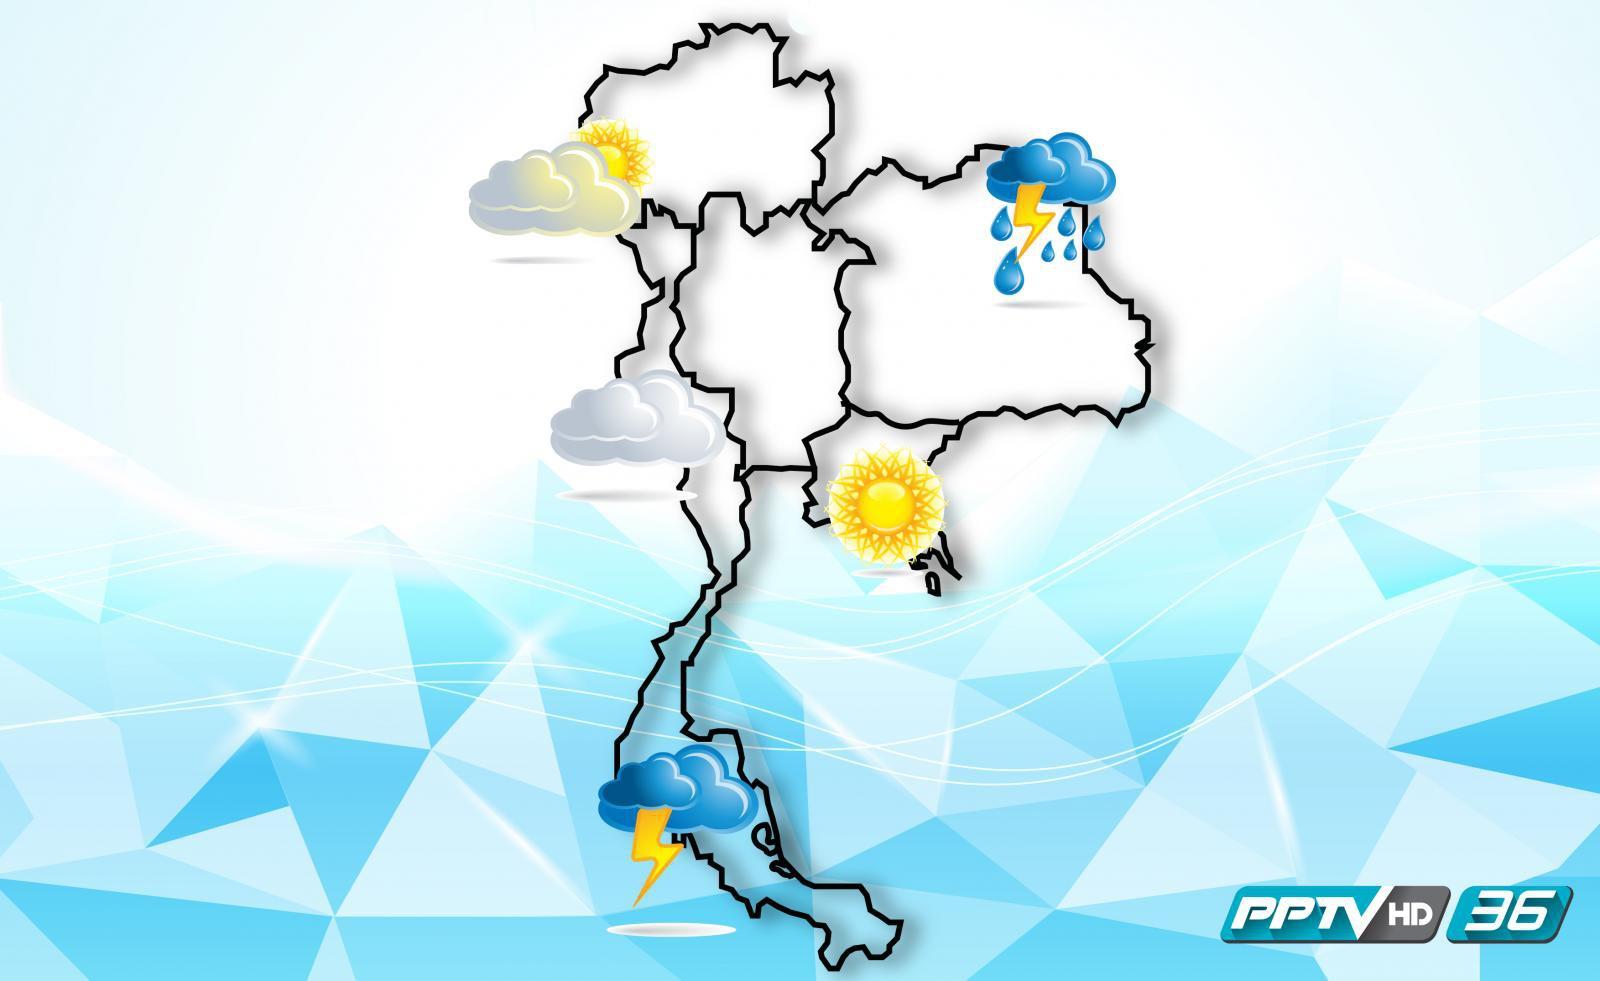 อุตุฯ เผยไทยยังมีอากาศร้อนจัด และมีฝนตกบางพื้นที่